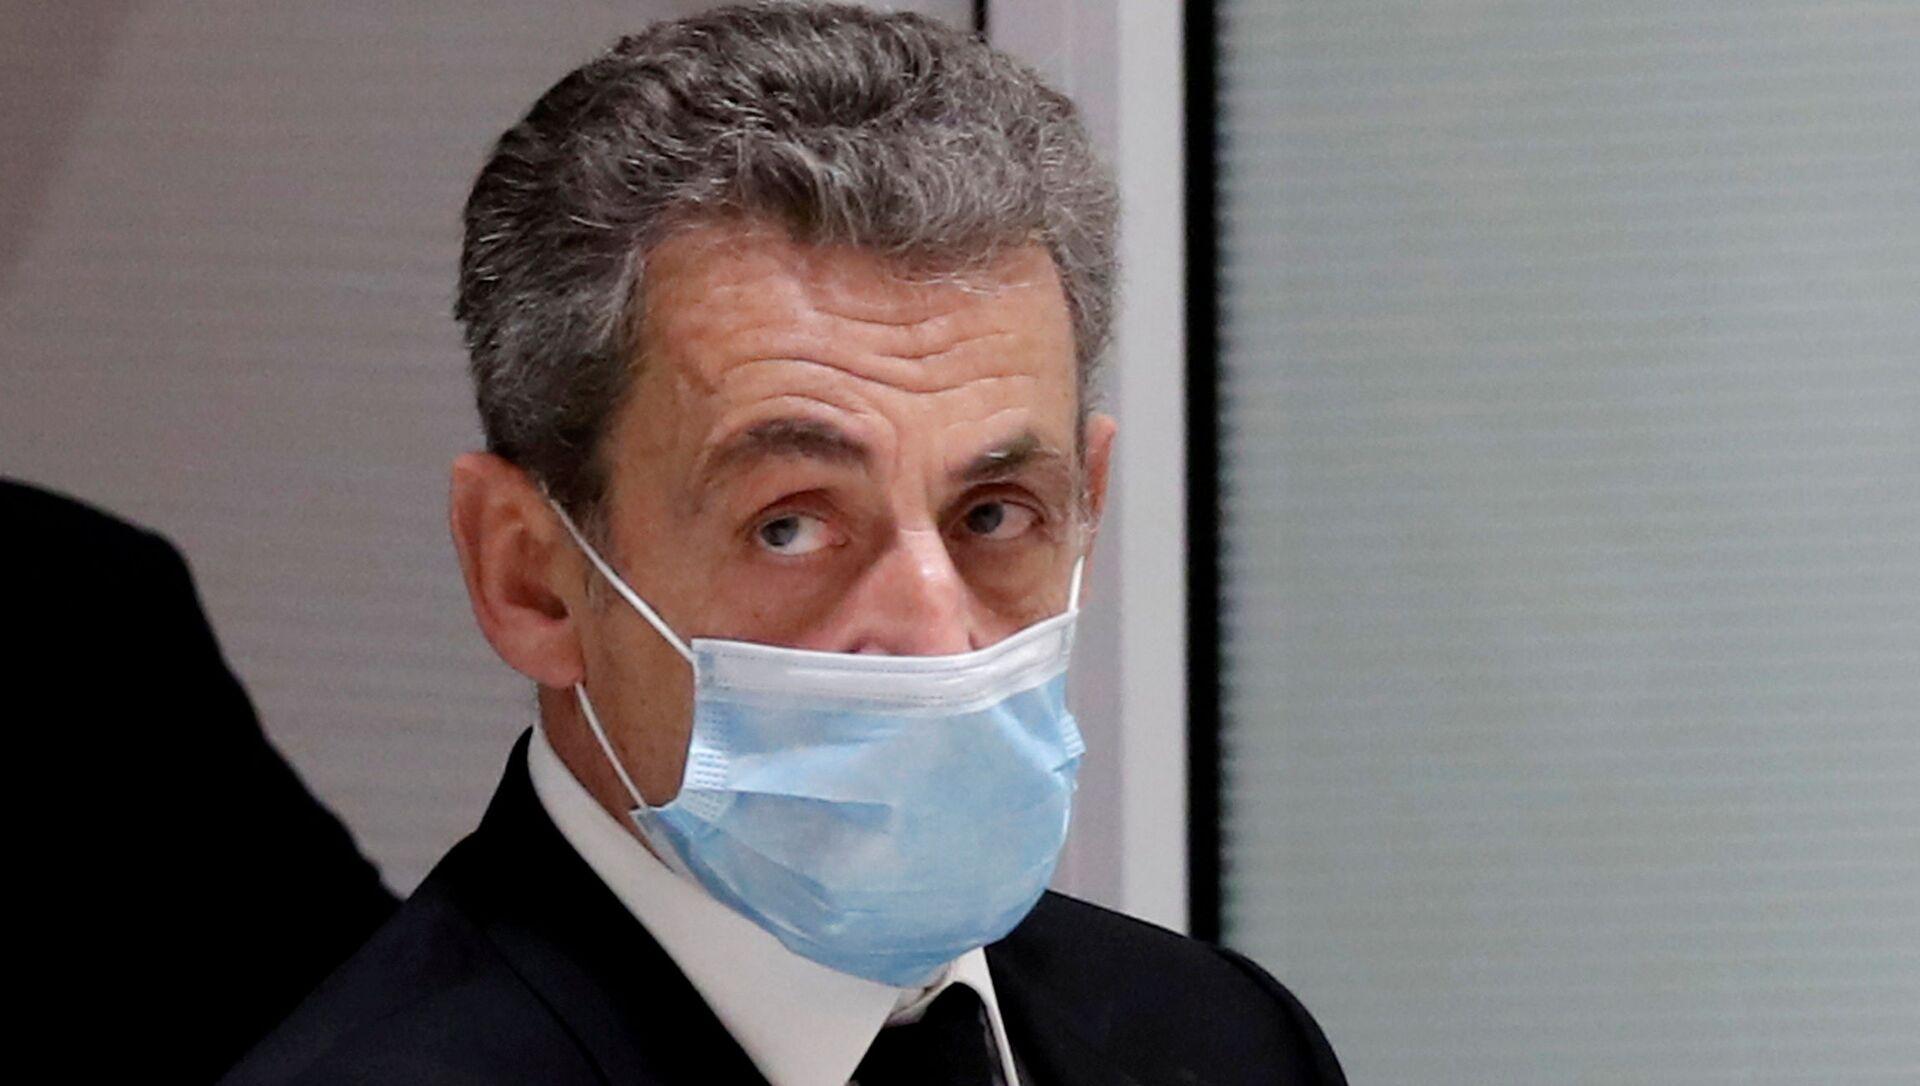 L'ex-Président français Nicolas Sarkozy au tribunal, le 1 mars 2021 - Sputnik France, 1920, 03.03.2021